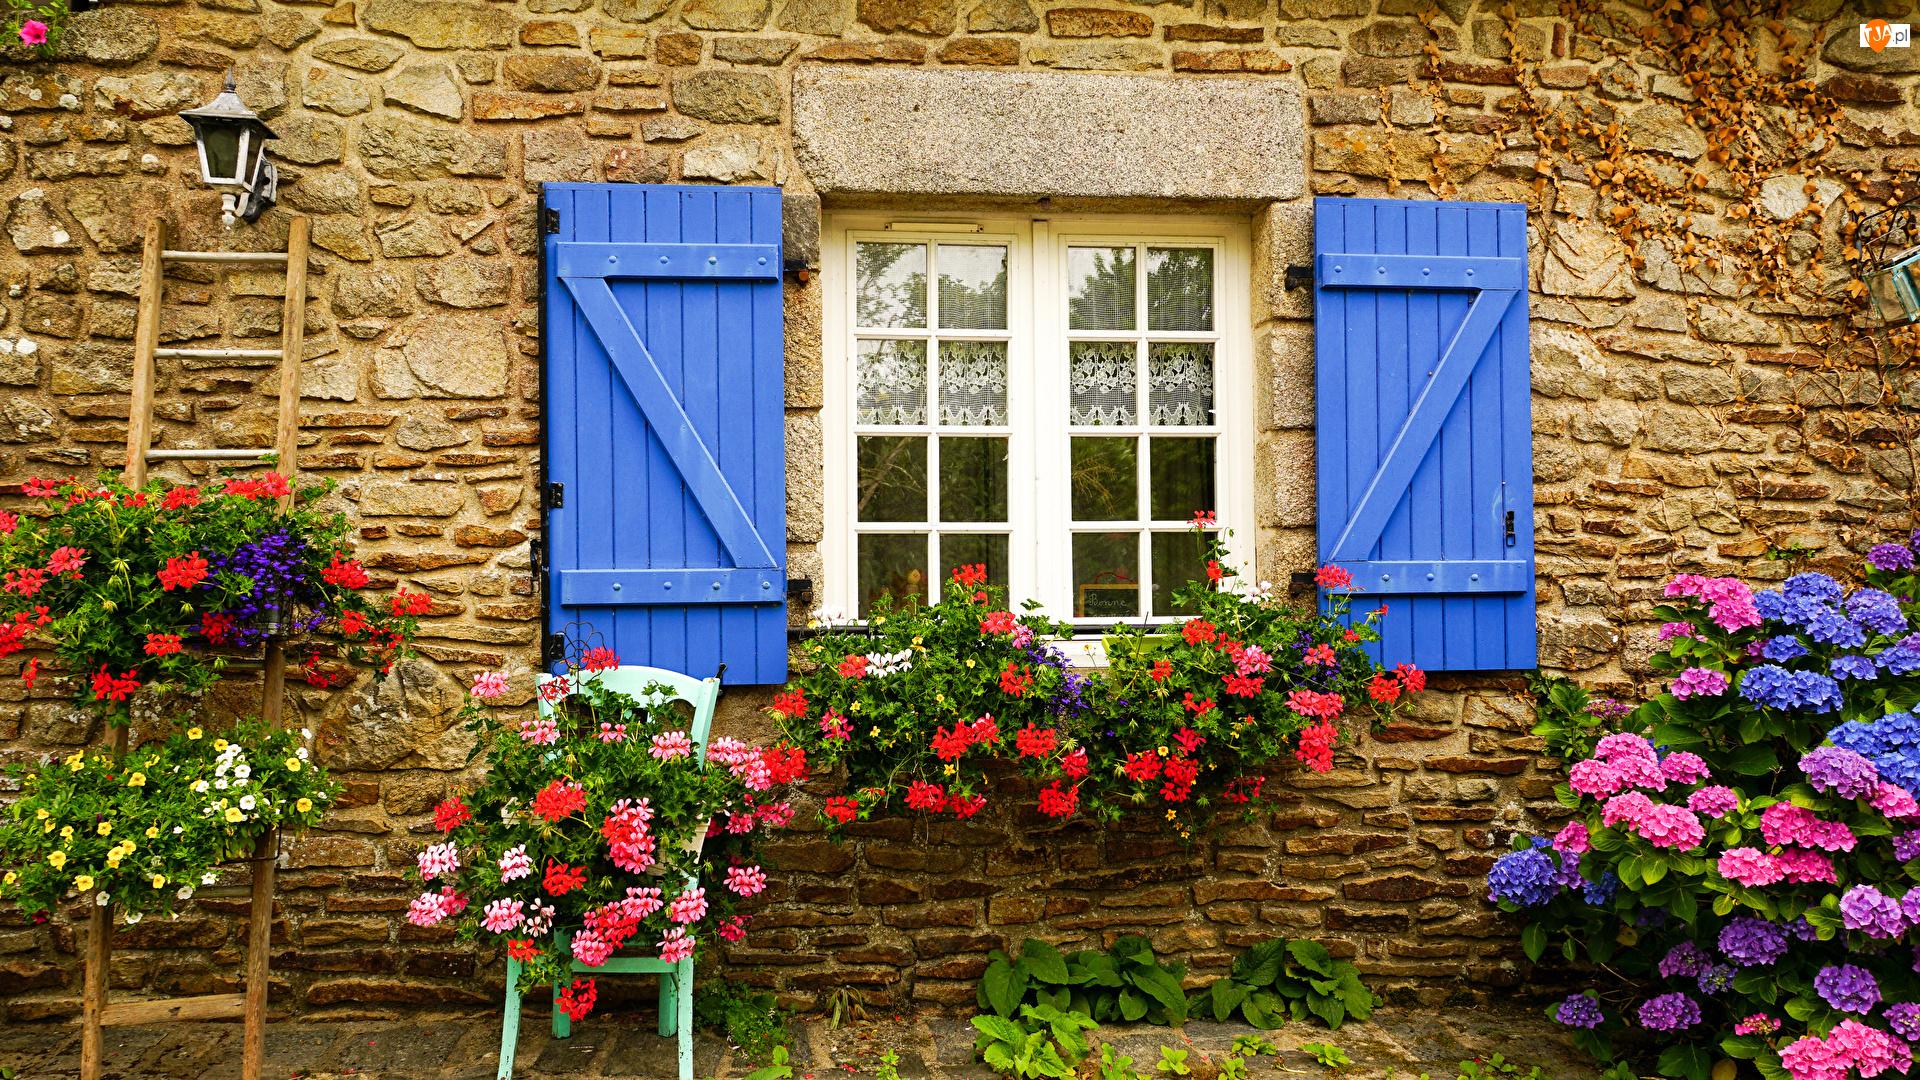 Drabina, Kwiaty, Hortensja, Okiennice, Fasada, Dom, Okno, Ściana, Niebieskie, Pelargonie